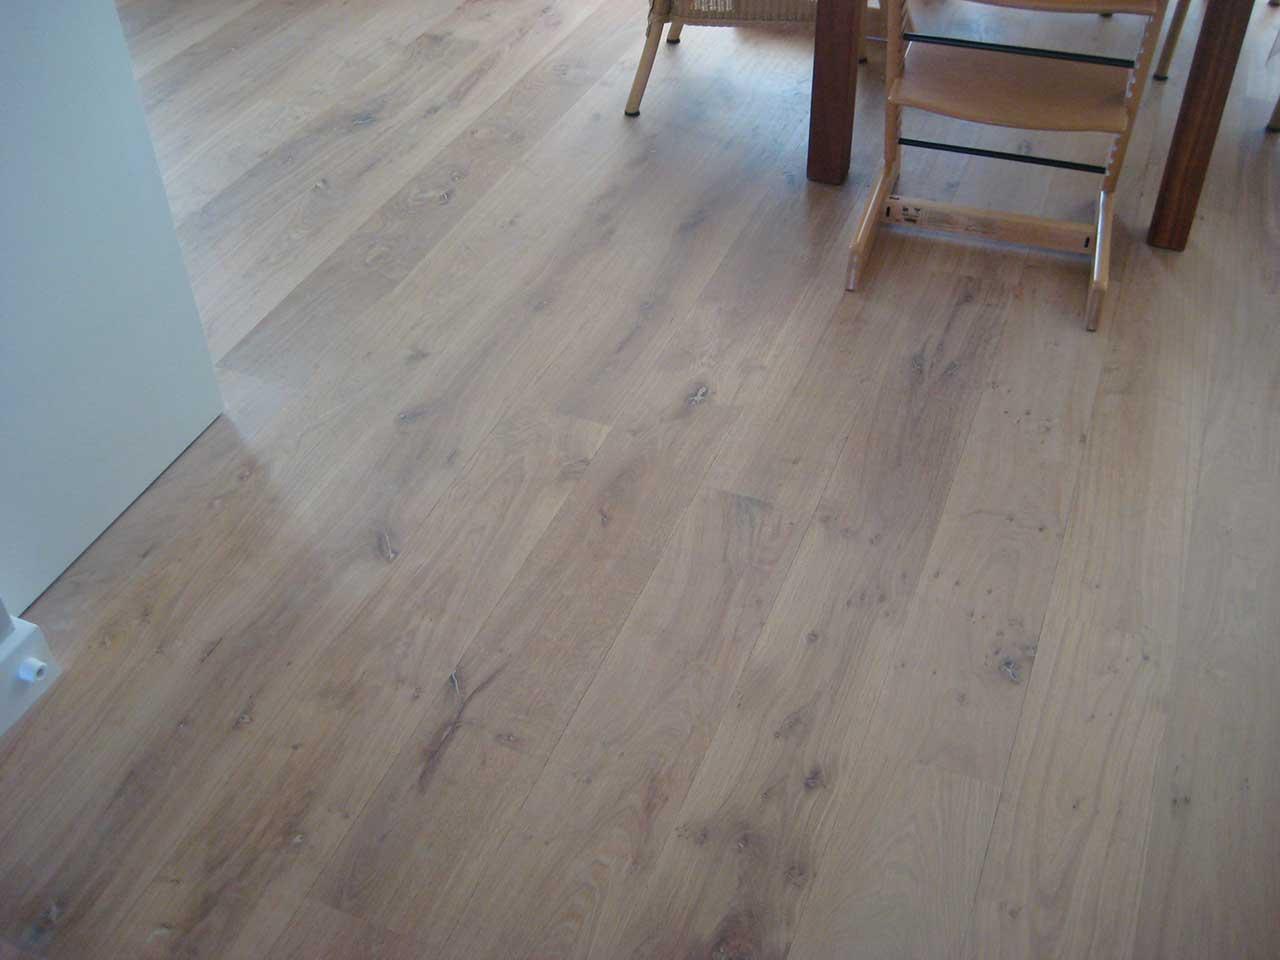 Holzdielen Eiche Weiß Geölt dielenboden geölt rozyn parkettböden